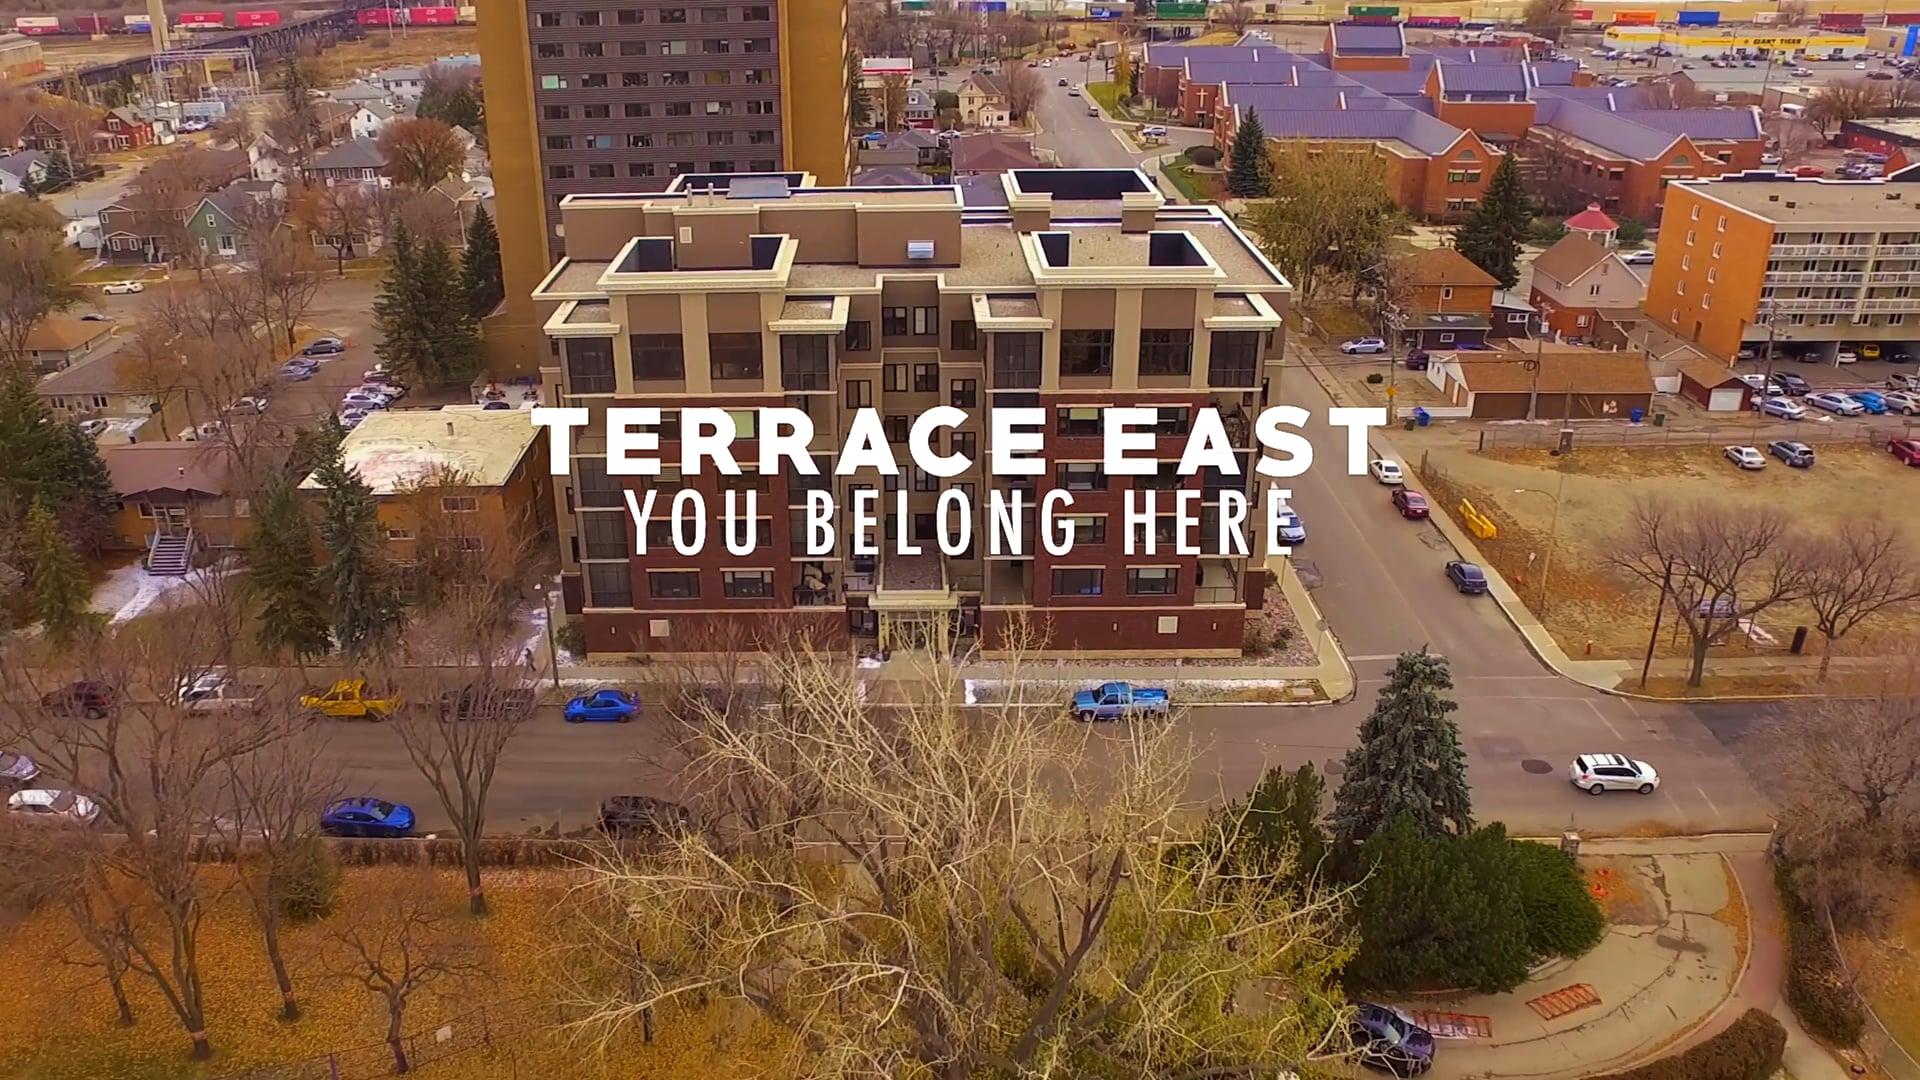 Terrace East